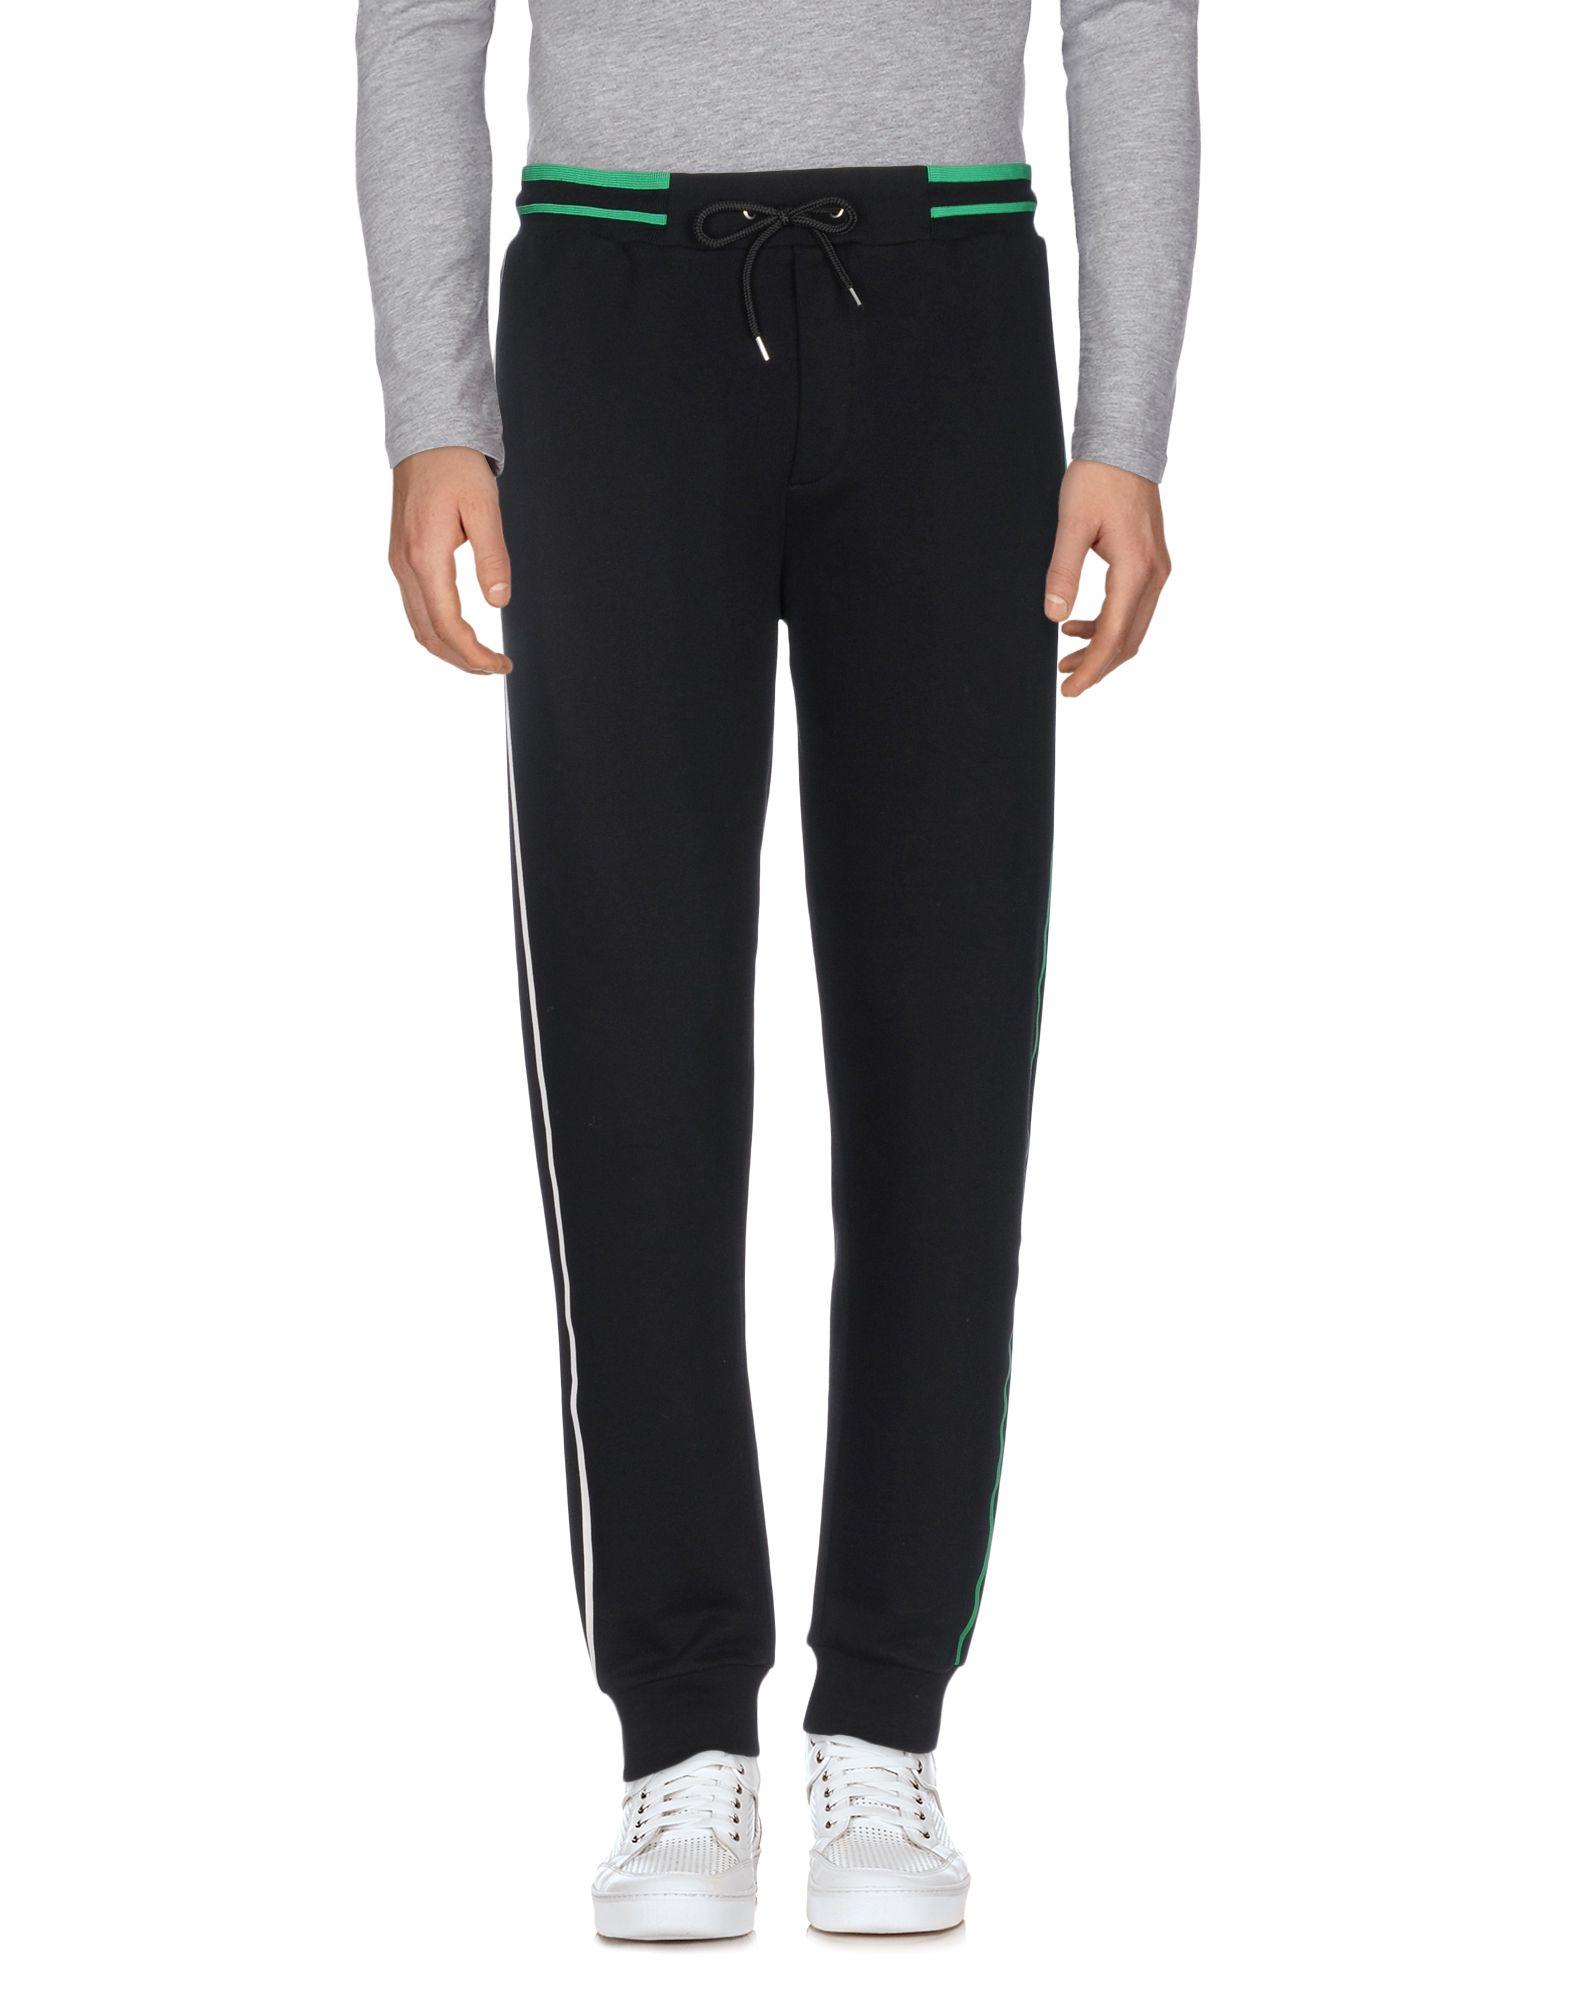 Pantalone Mcq Alexander Mcqueen Uomo - Acquista online su